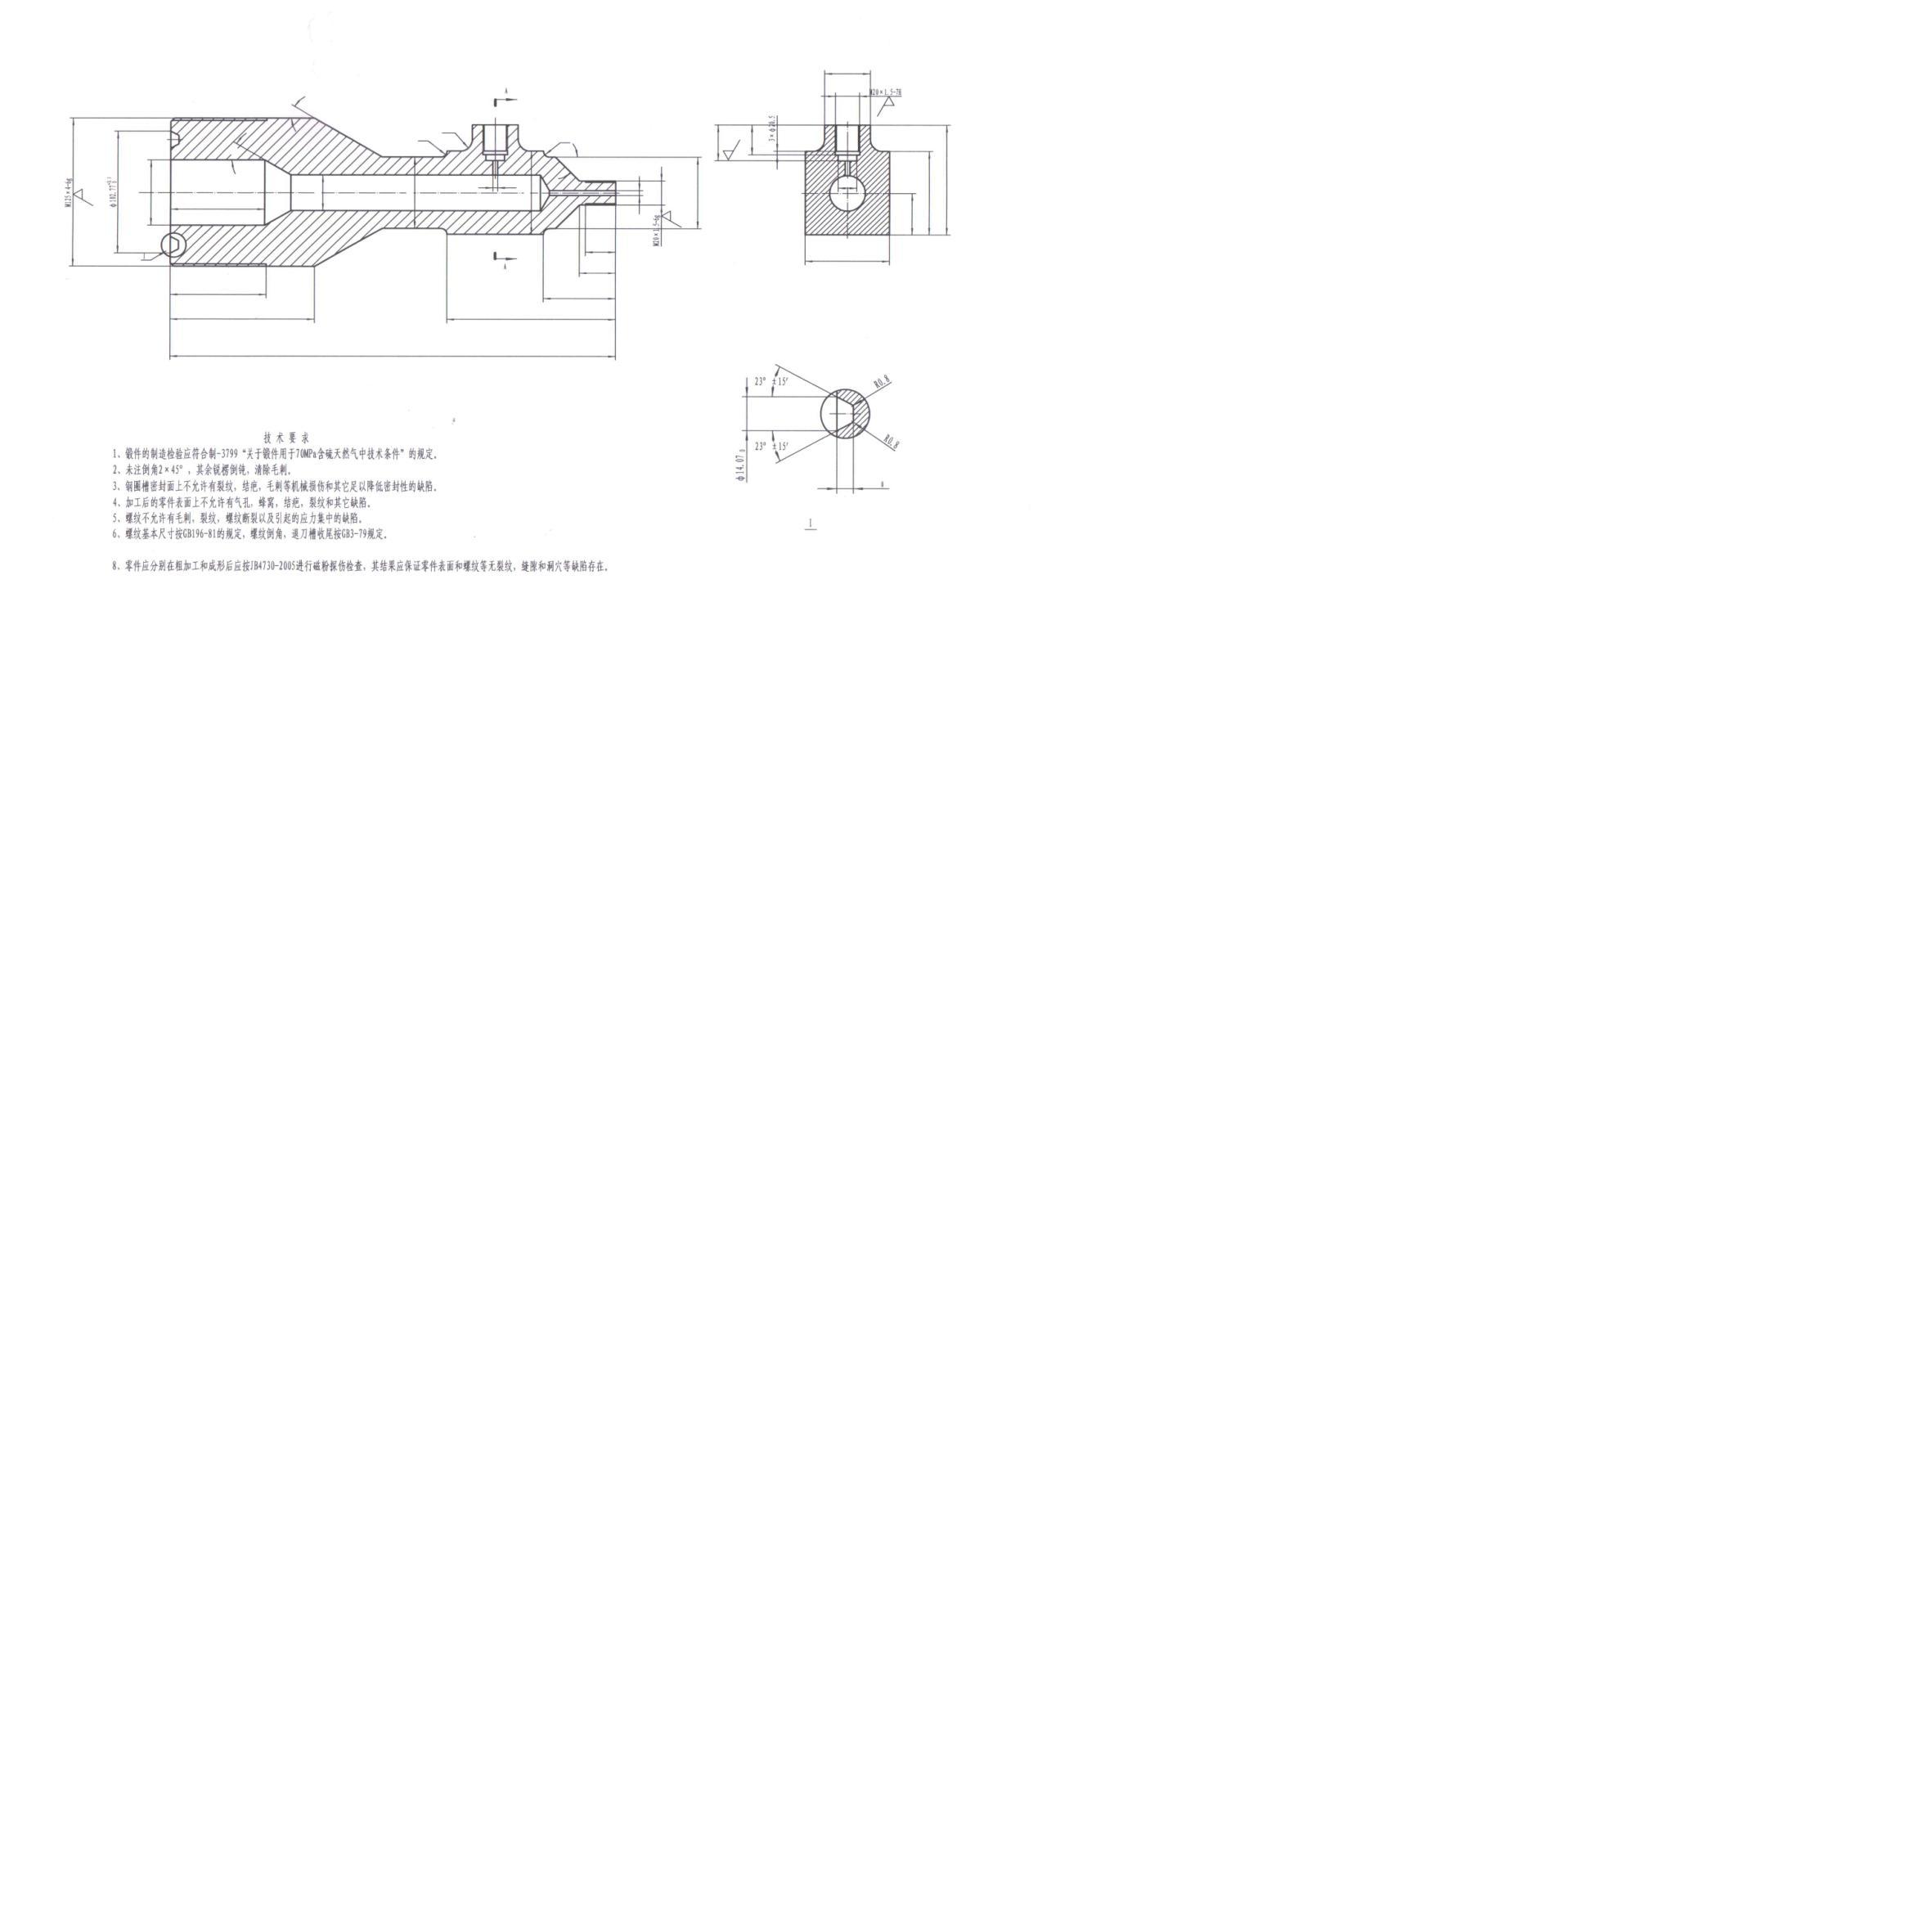 预赛制造与设计、版块交流机械CAXA2009图2014电气图纸图片